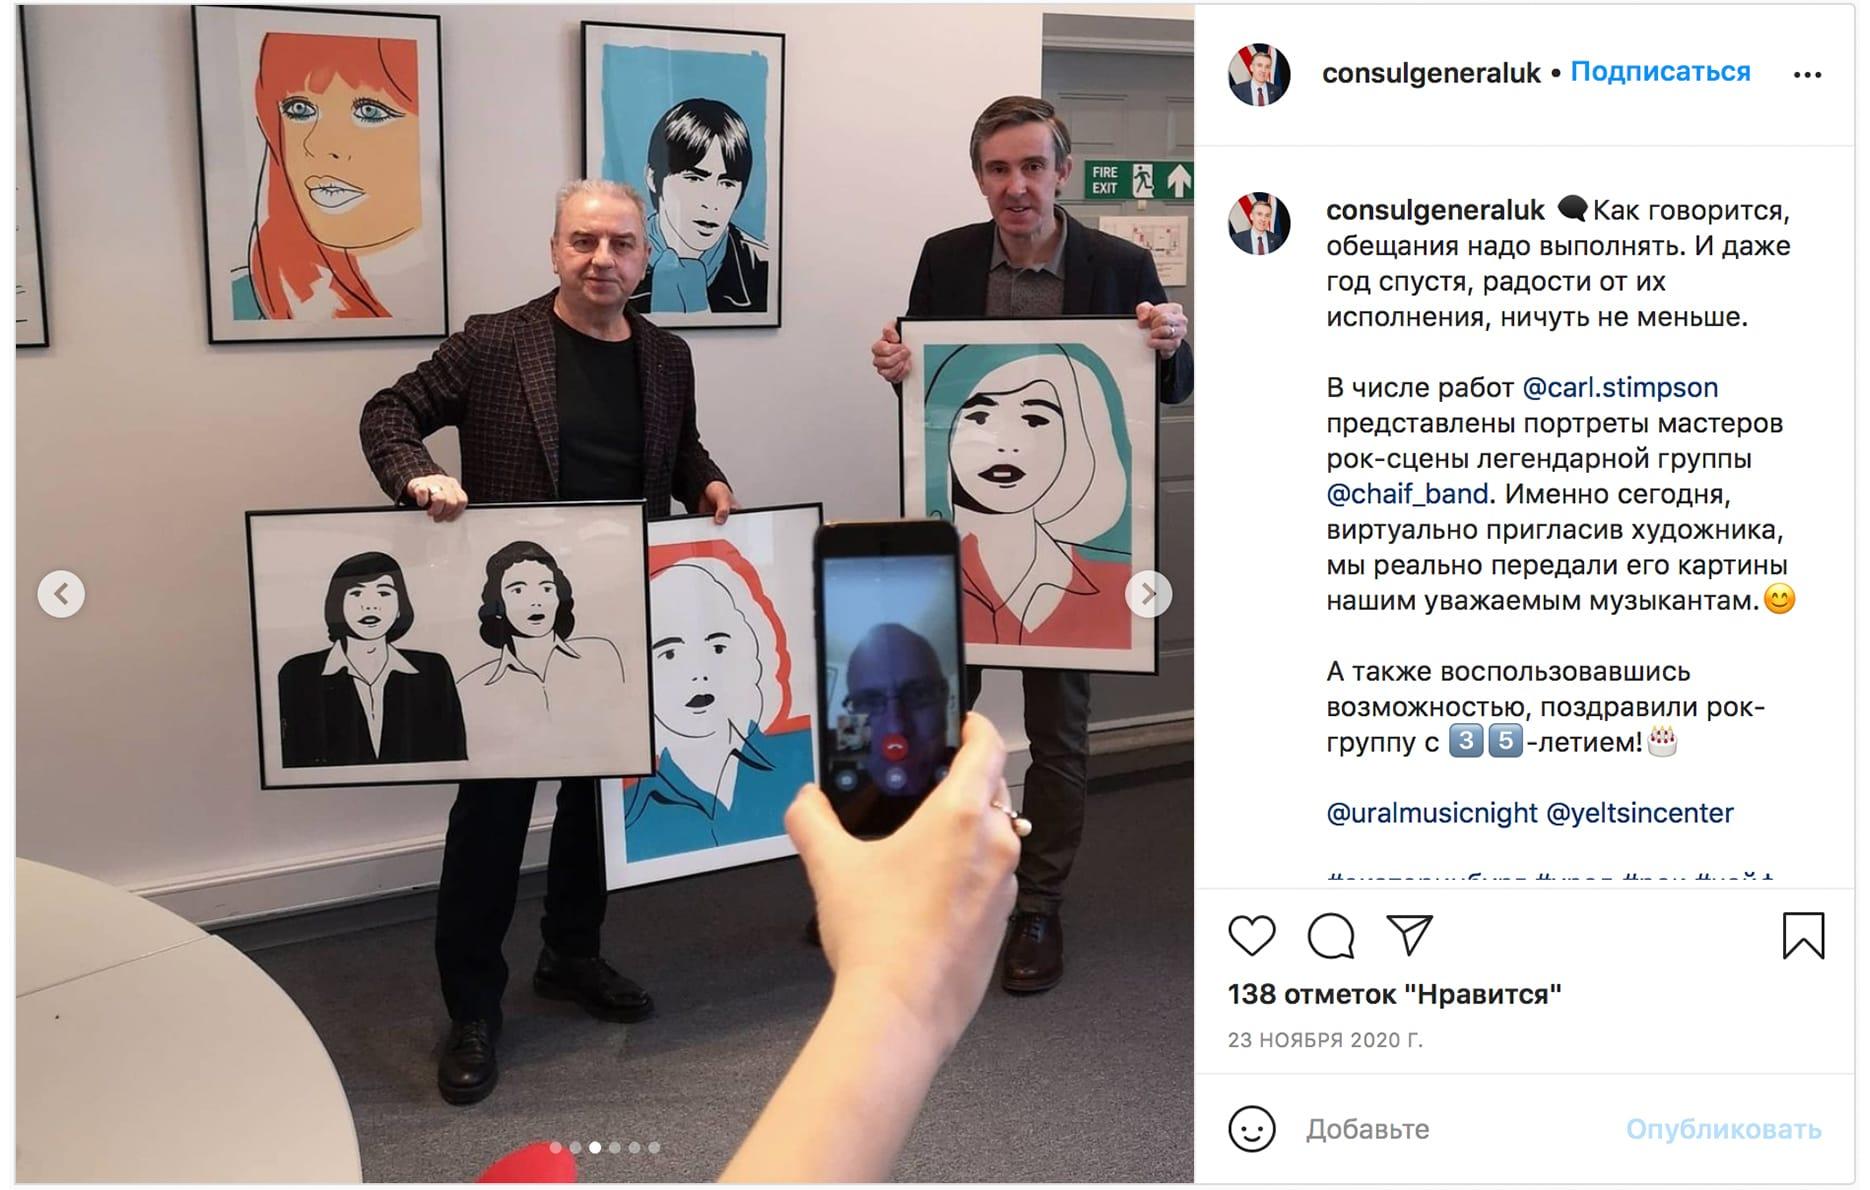 Генконсул Великобритании в Екатеринбурге признал Крым российским